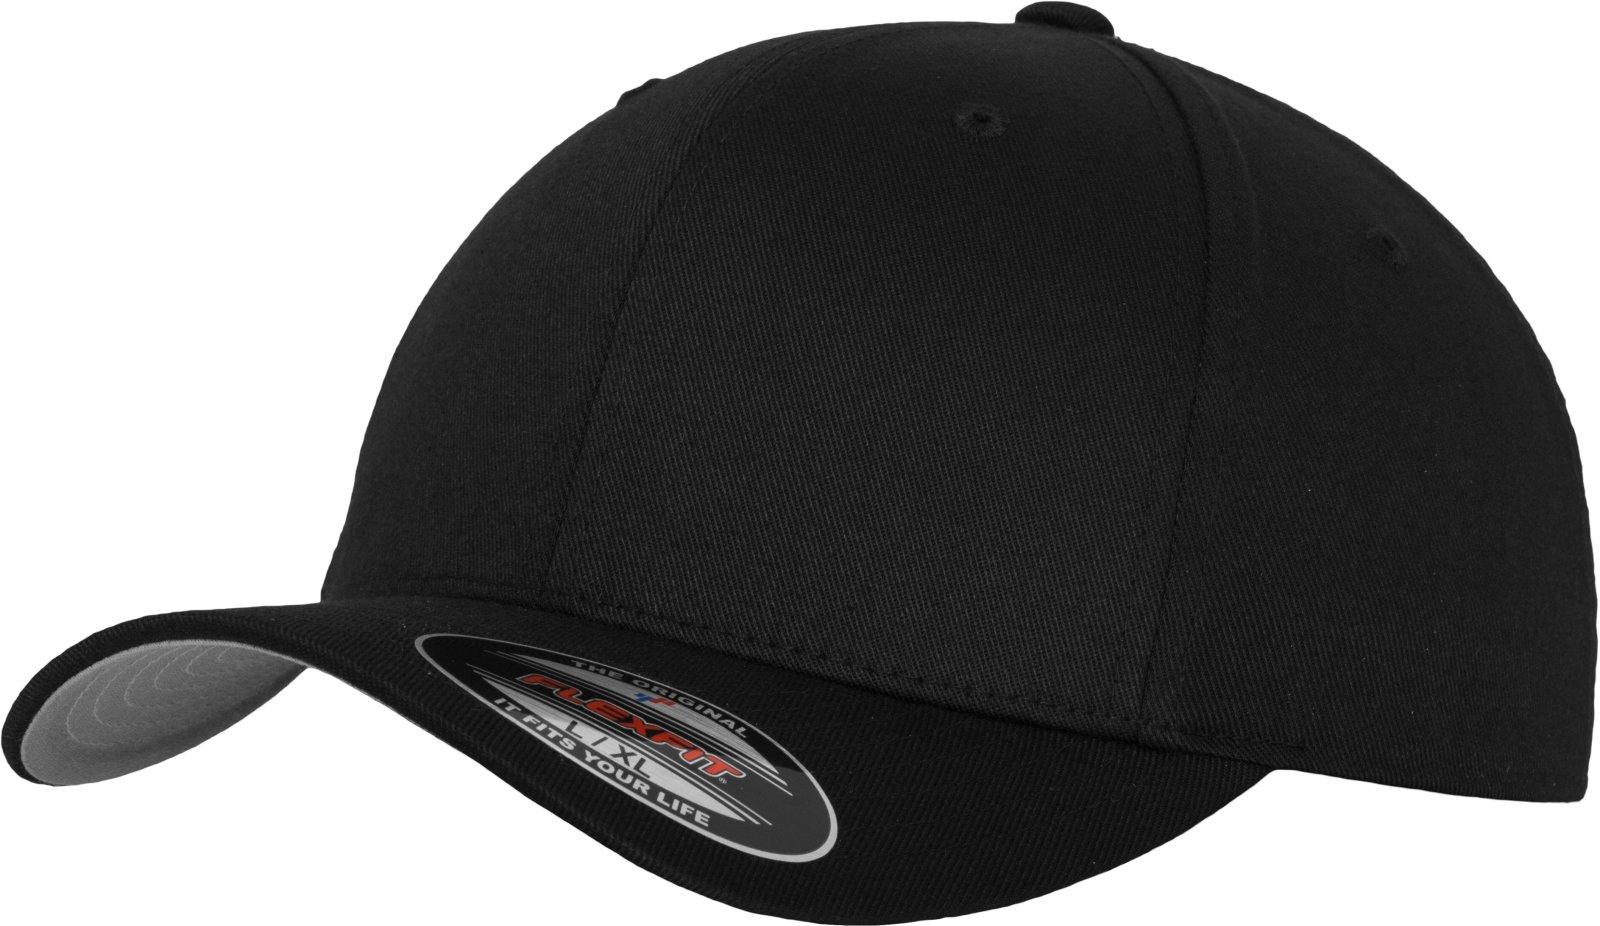 2154a0ce3b390a Flexfit Baseball Cap Wooly Combed - Unisex Kappe ohne Verschluss für  Herren, Damen und Kinder